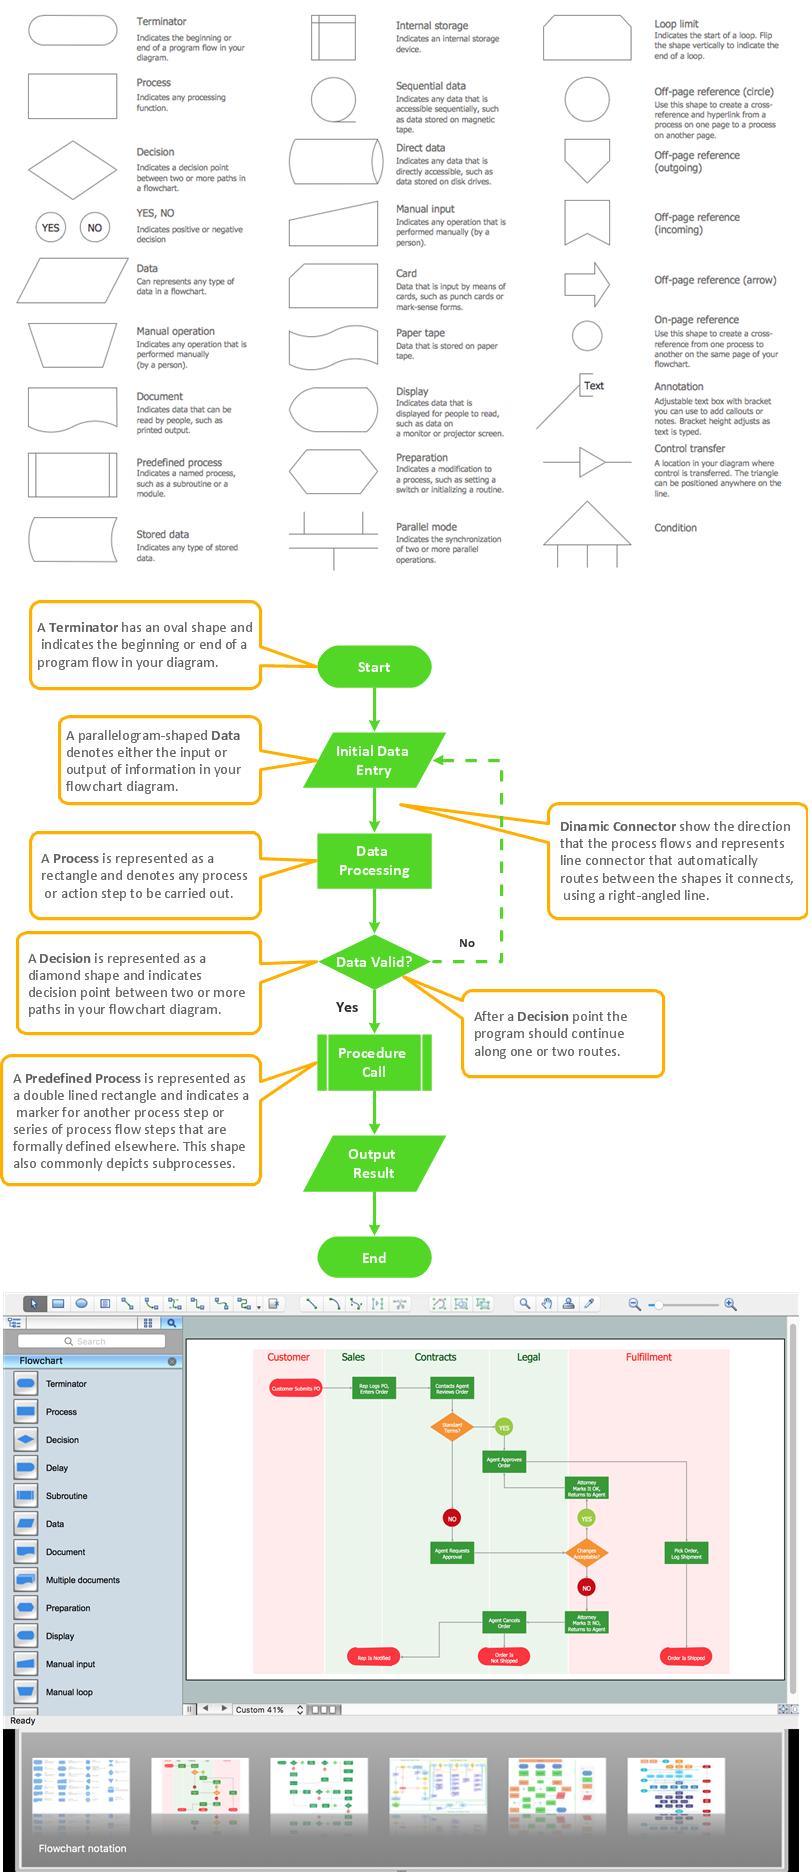 Best Flowchart Software | standard flowchart symbols, basic flowchart symbols, system flowchart symbols, programming flowchart symbols